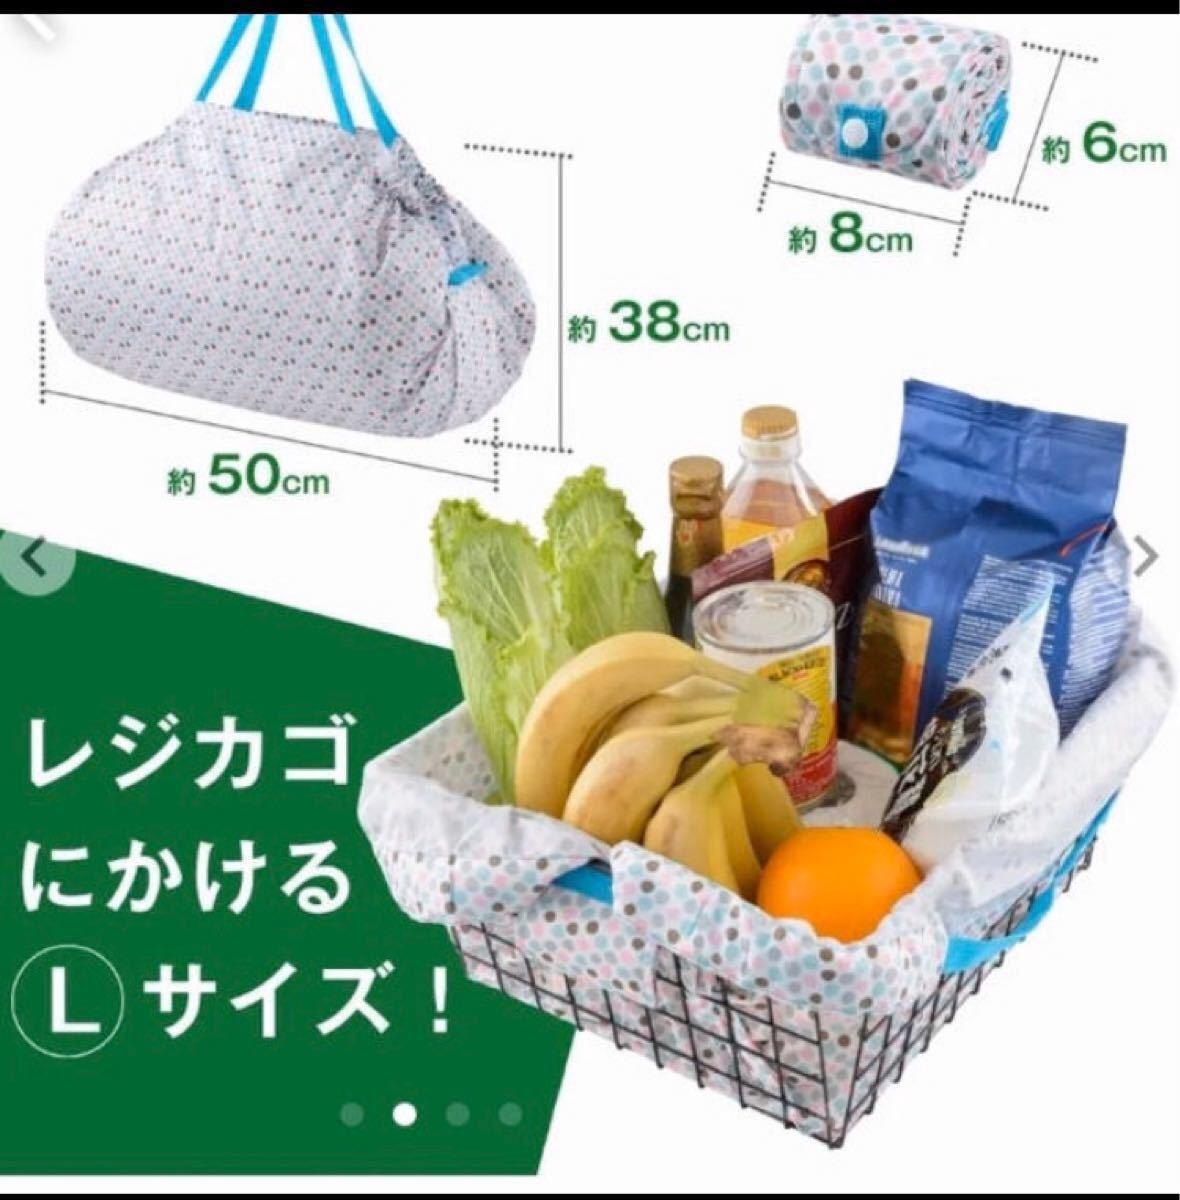 新品 エコバック 折りたたみ 買い物バッグ 大容量 コンパクト 軽量 防水